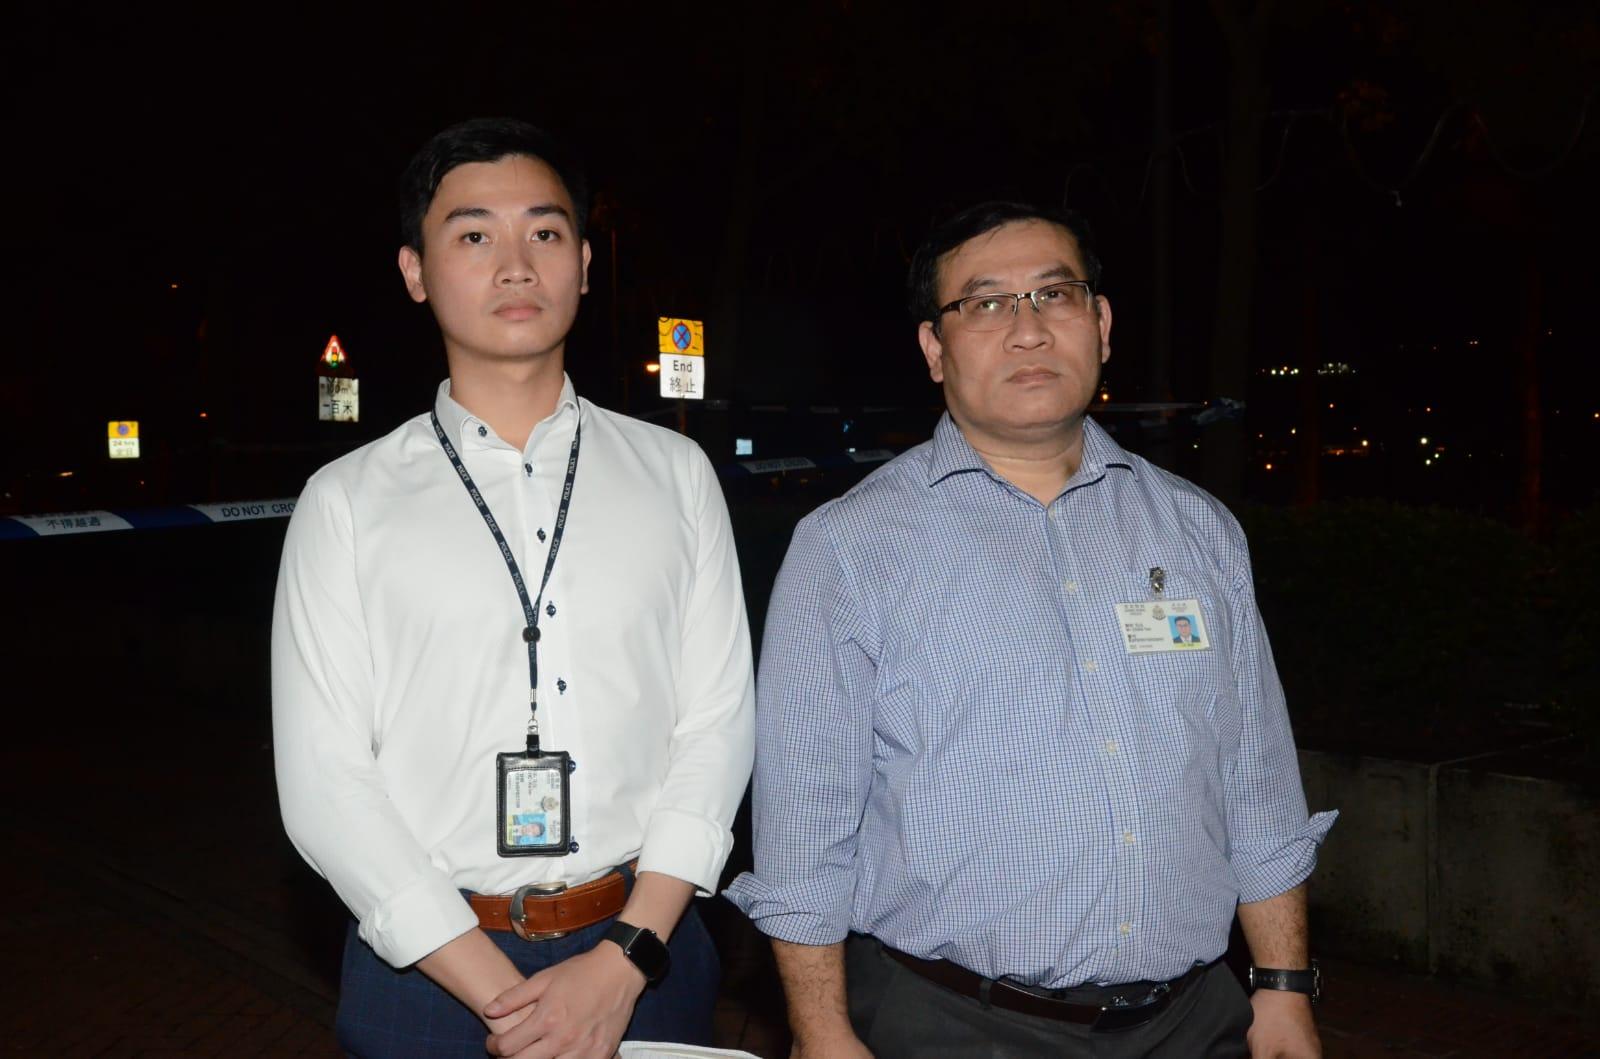 沙田警區助理指揮官(刑事)陳昕警司(右)。